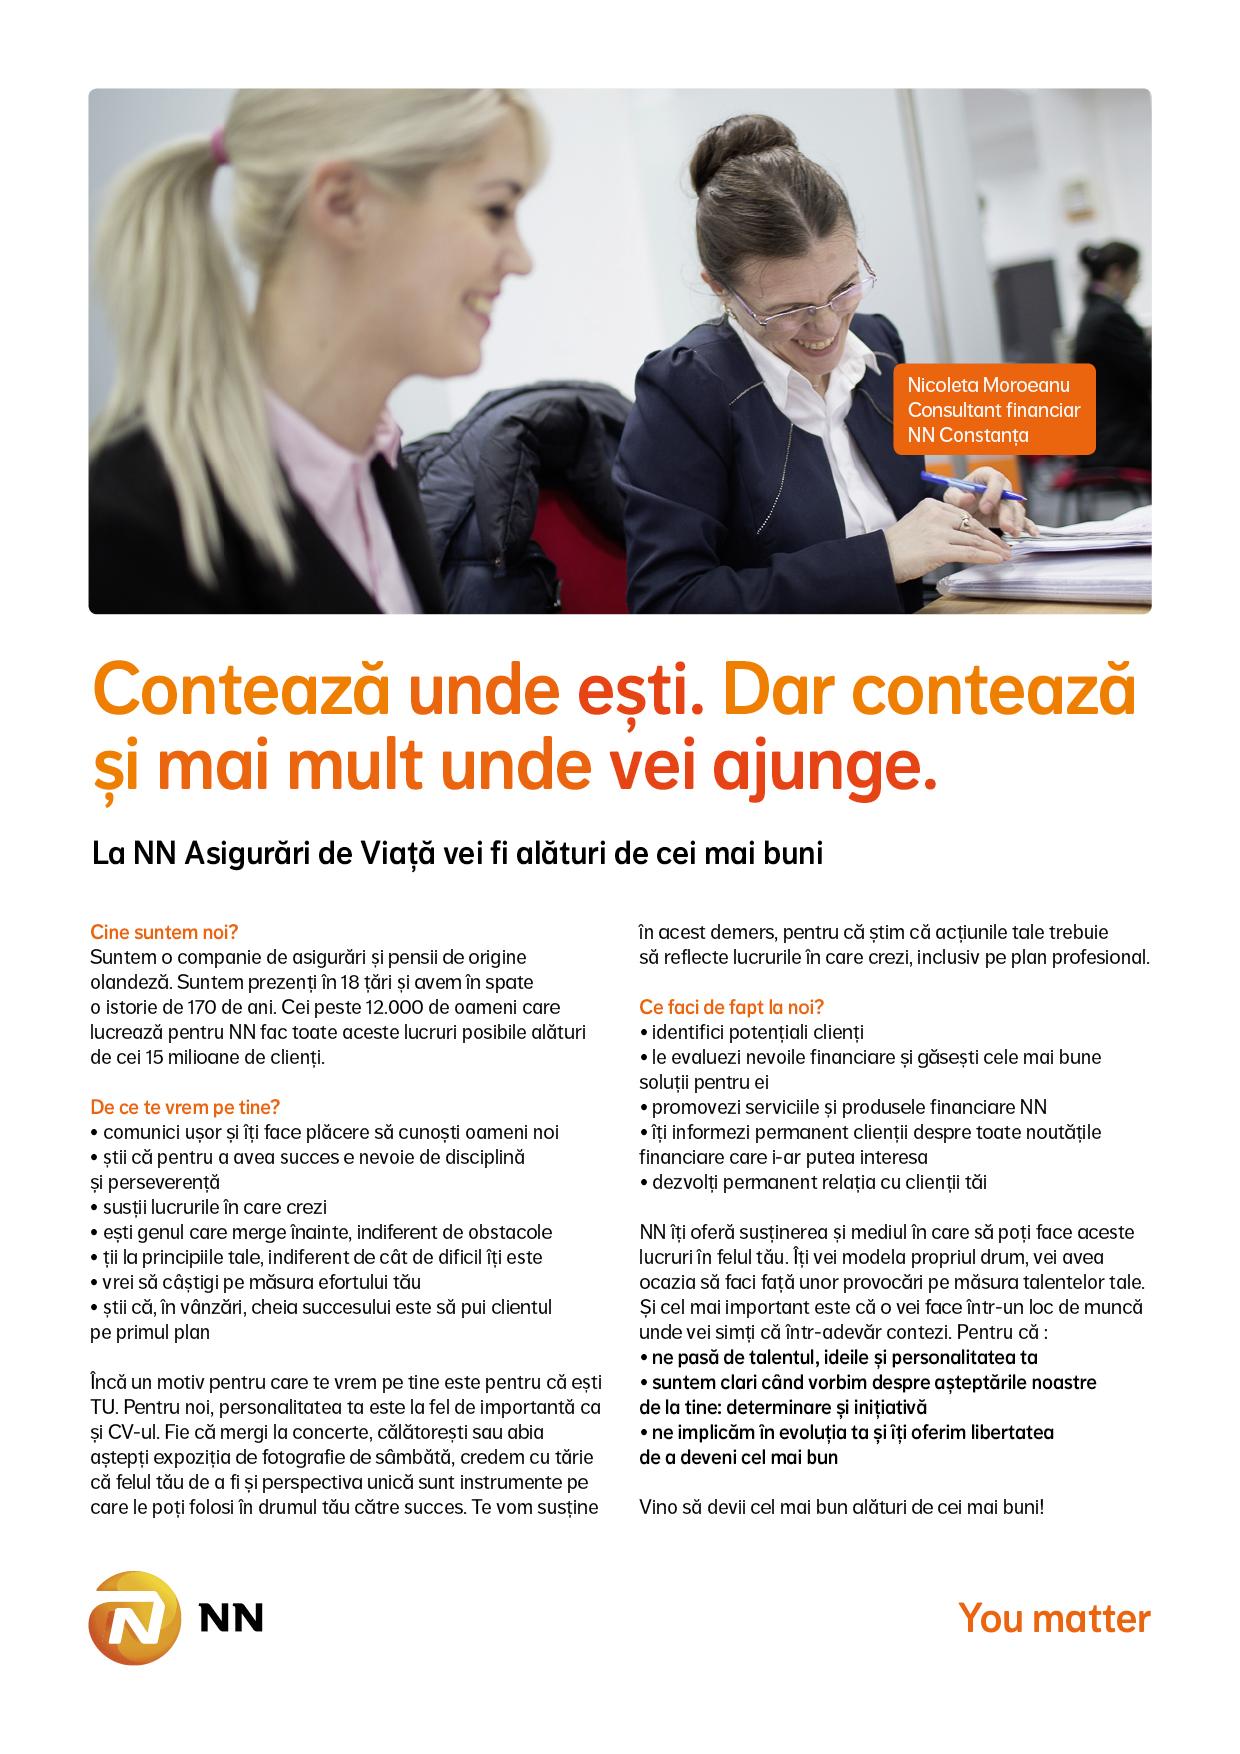 NN este o companie dе asigurări și managementul investițiilor, activă în peste 18 țări, cu o puternică prezență în Europa și în Japonia.   Grupul NN, din România, include activitățile ING Asigurări dе Viață și ING Pensii, companii lider pe piețele dе profil, și ING Investment Management, numărul patru în topul companiilor dе administrare a fondurilor mutuale din România.   Pentru noi, NN reprezintă un capitol nou și interesant în viața companiei, cu noi oportunități dе dezvoltare. Promisiunea noastră este că vom continua să fim alături dе clienții, angajatii si colaboratorii noștri, un partener apropiat și dе încredere. Valorile noastre dе bază sunt: ne pasă, suntem transparenți, ne dedicăm.  Valorile noastre sunt expresia lucrurilor noastre dragi, a ceea ce credem și a obiectivelor noastre. Ne unesc și ne inspiră. Și ne determină comportamentul zi dе zi.   NN Romania in cifre:  2,2 milioane clienți unici dе asigurări dе viață, pensii obligatorii și pensii facultative Cote dе piață septembrie 2014:  • Asigurări dе Viață - 38%  • Pensii obligatorii (Pilonul 2) - 38% în funcție dе active  • Pensii facultative (Pilonul 3) - 48,5 în funcție dе active Consultаnt Asigurari dе Viаtа  - identificа clienti - еvаluеazа nеvоilе finаnciаre - promoveaza serviciile si serviciile NN NN Asigurari de Viata